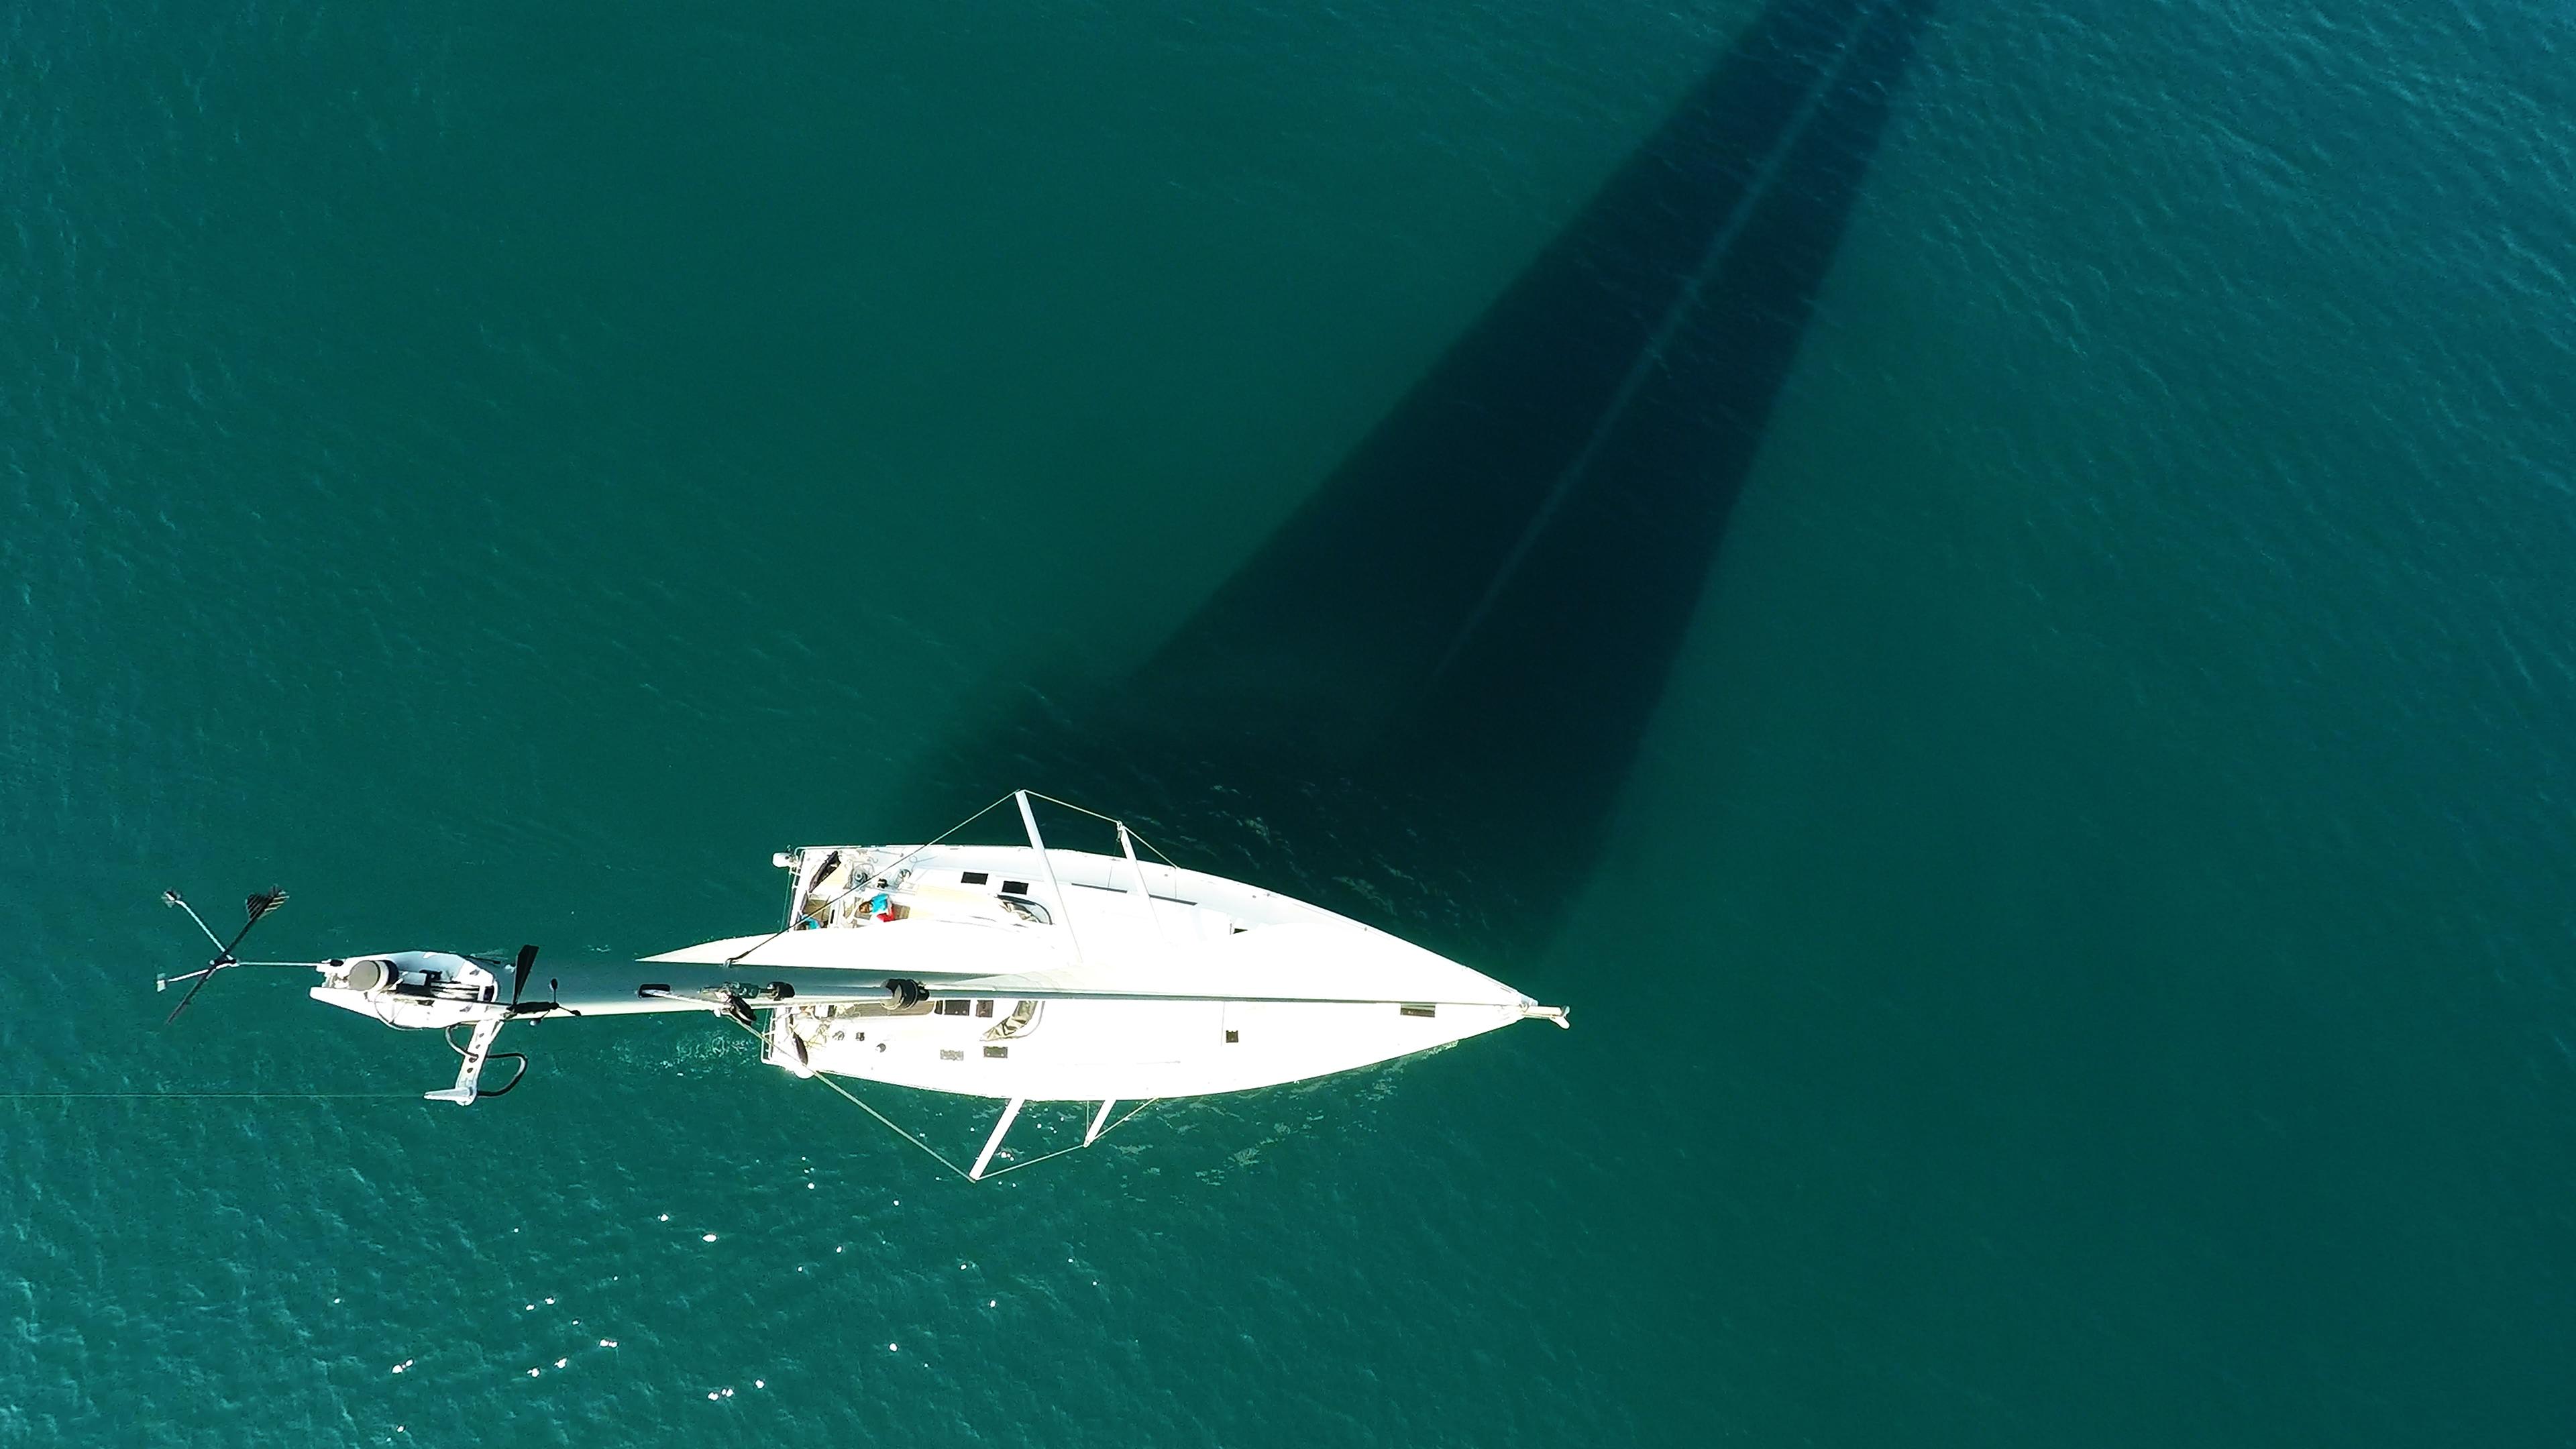 vrh jarbola indikator vjetra jedrilica Hanse 505 jedrenje more paluba